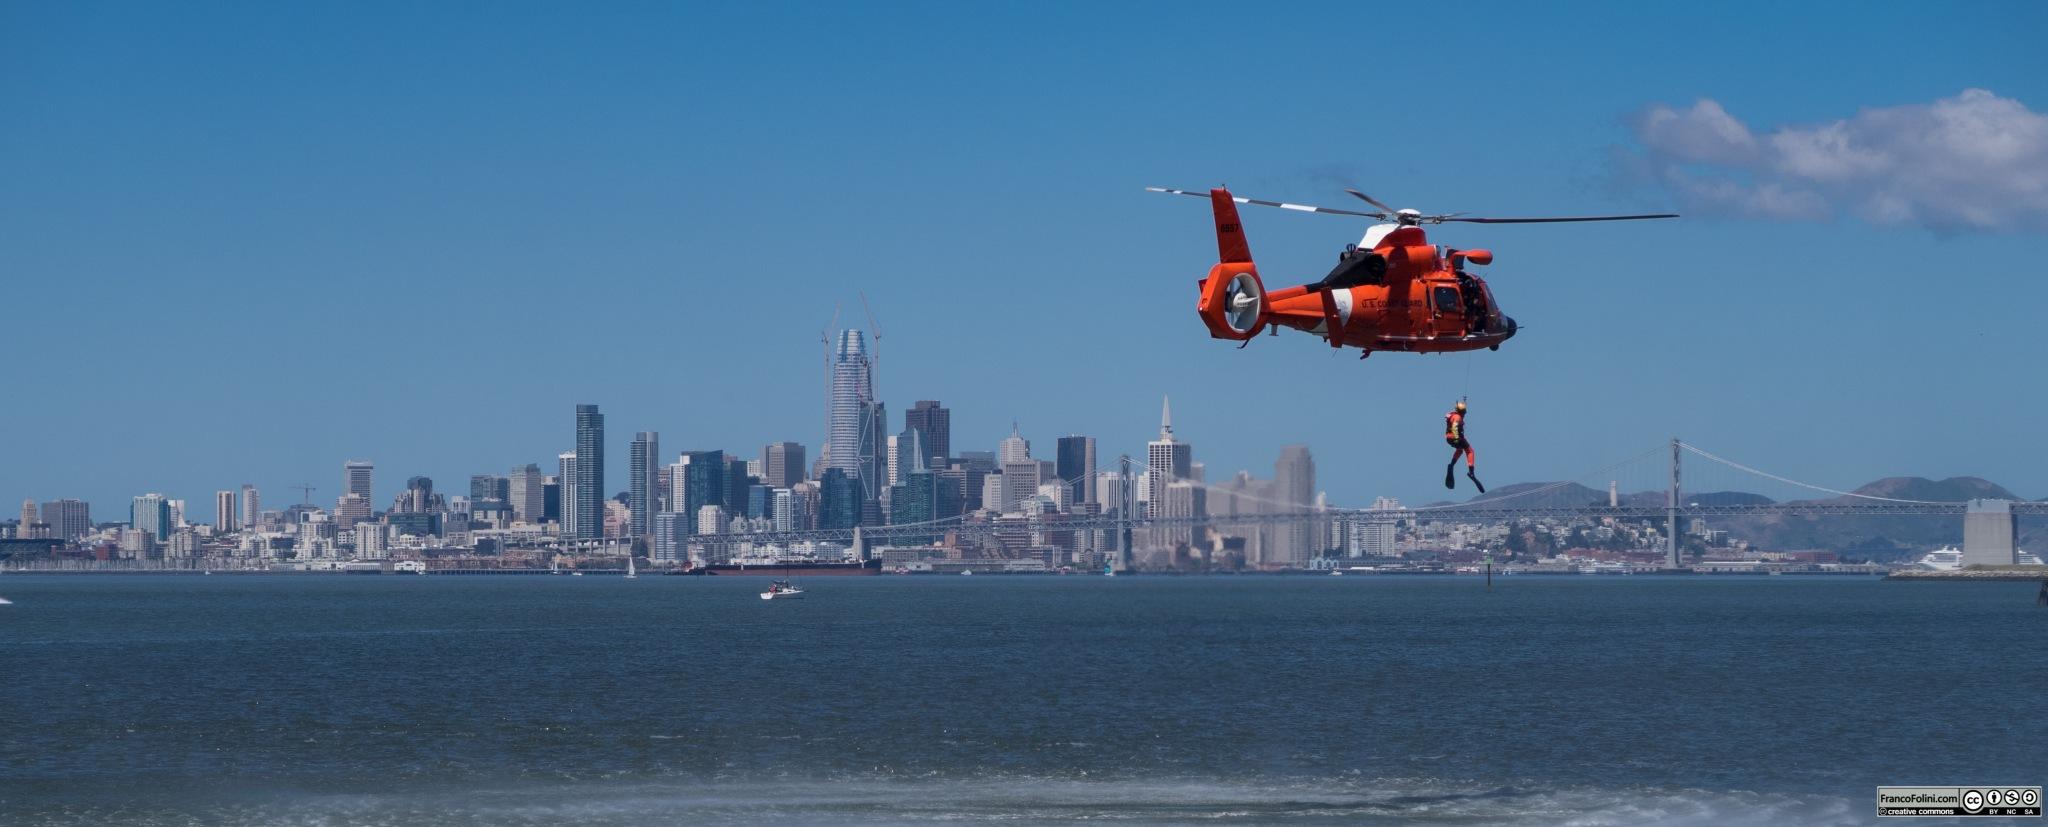 La guardia costiera americana esegue un'esercitazione di soccorso davanti alle coste dell'isola di Alameda. Sullo sfondo l'iconica skyline di San Francisco e il Bay-bridge